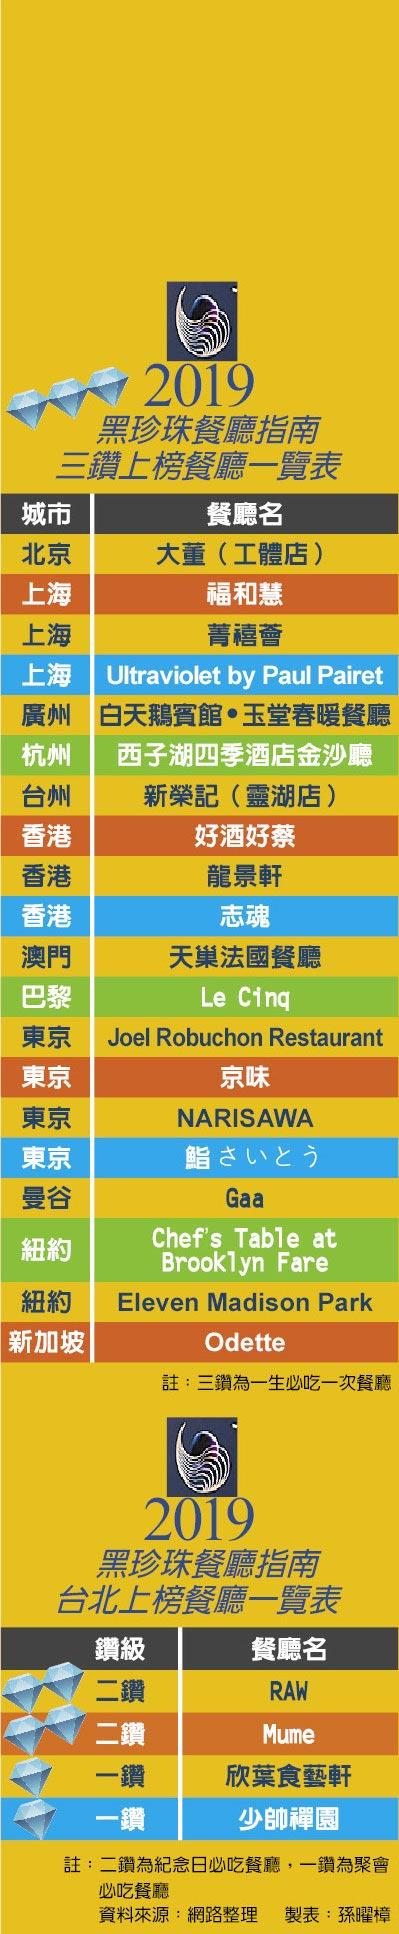 2019黑珍珠餐廳指南三鑽上榜餐廳一覽表